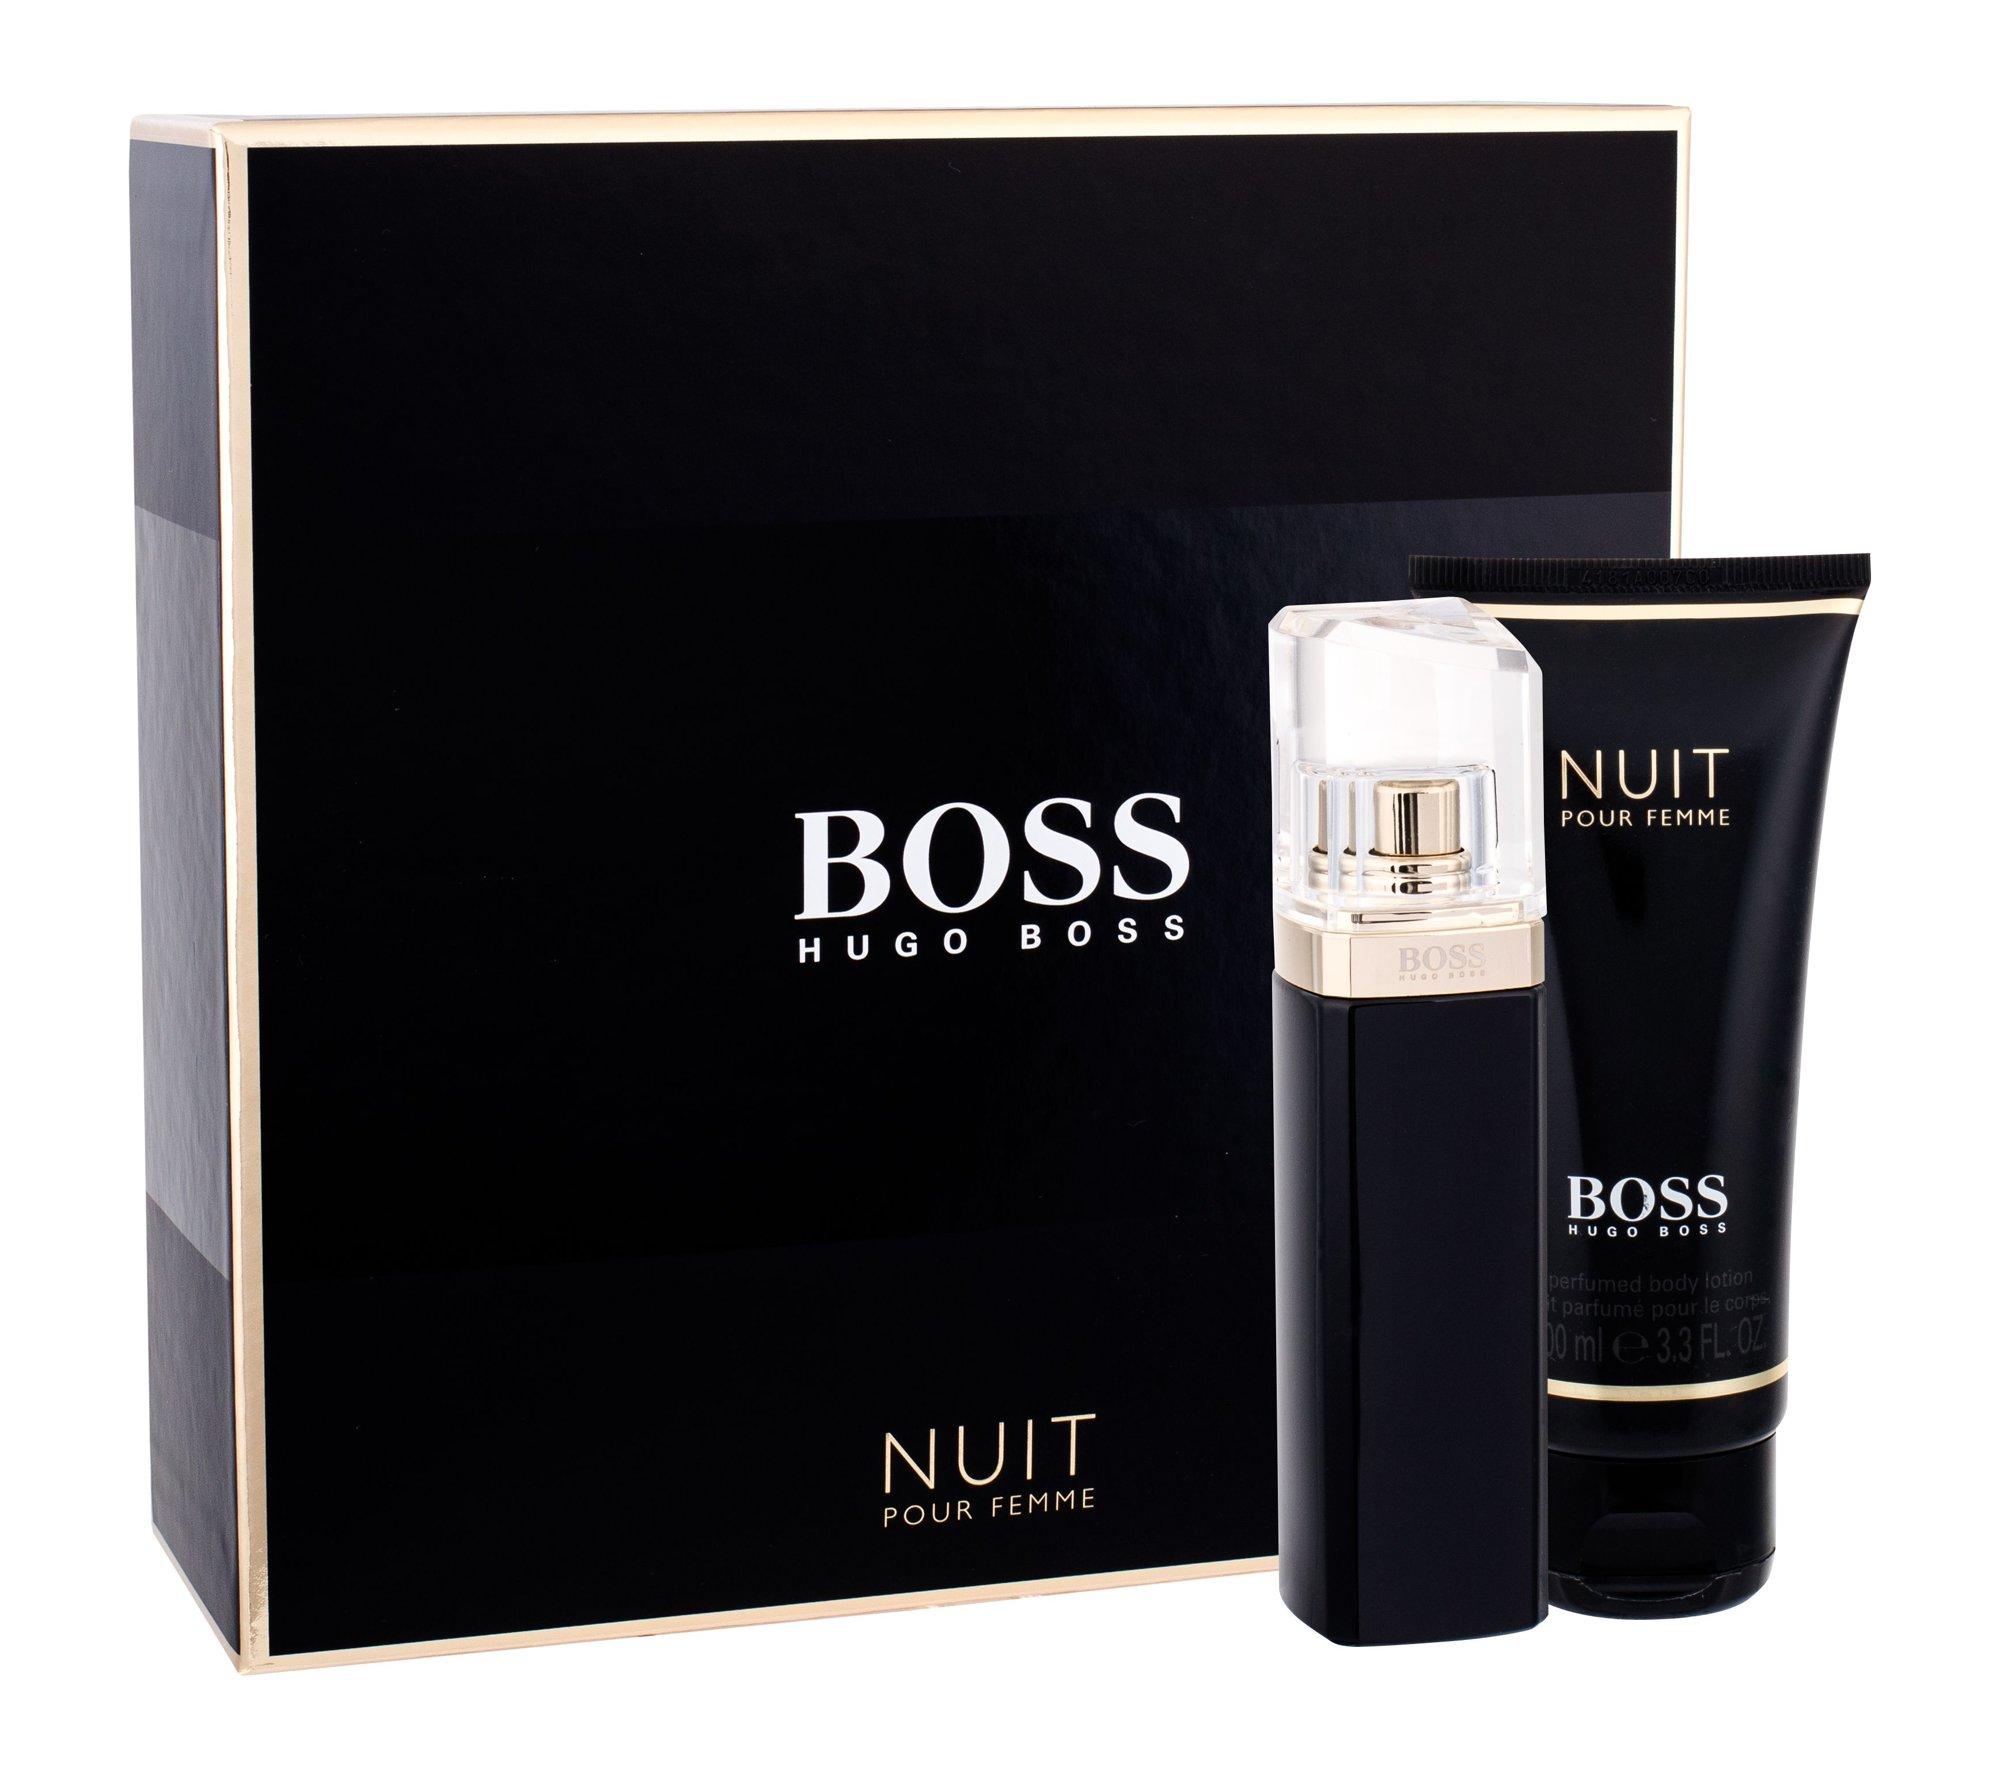 HUGO BOSS Boss Nuit Pour Femme EDP 50ml